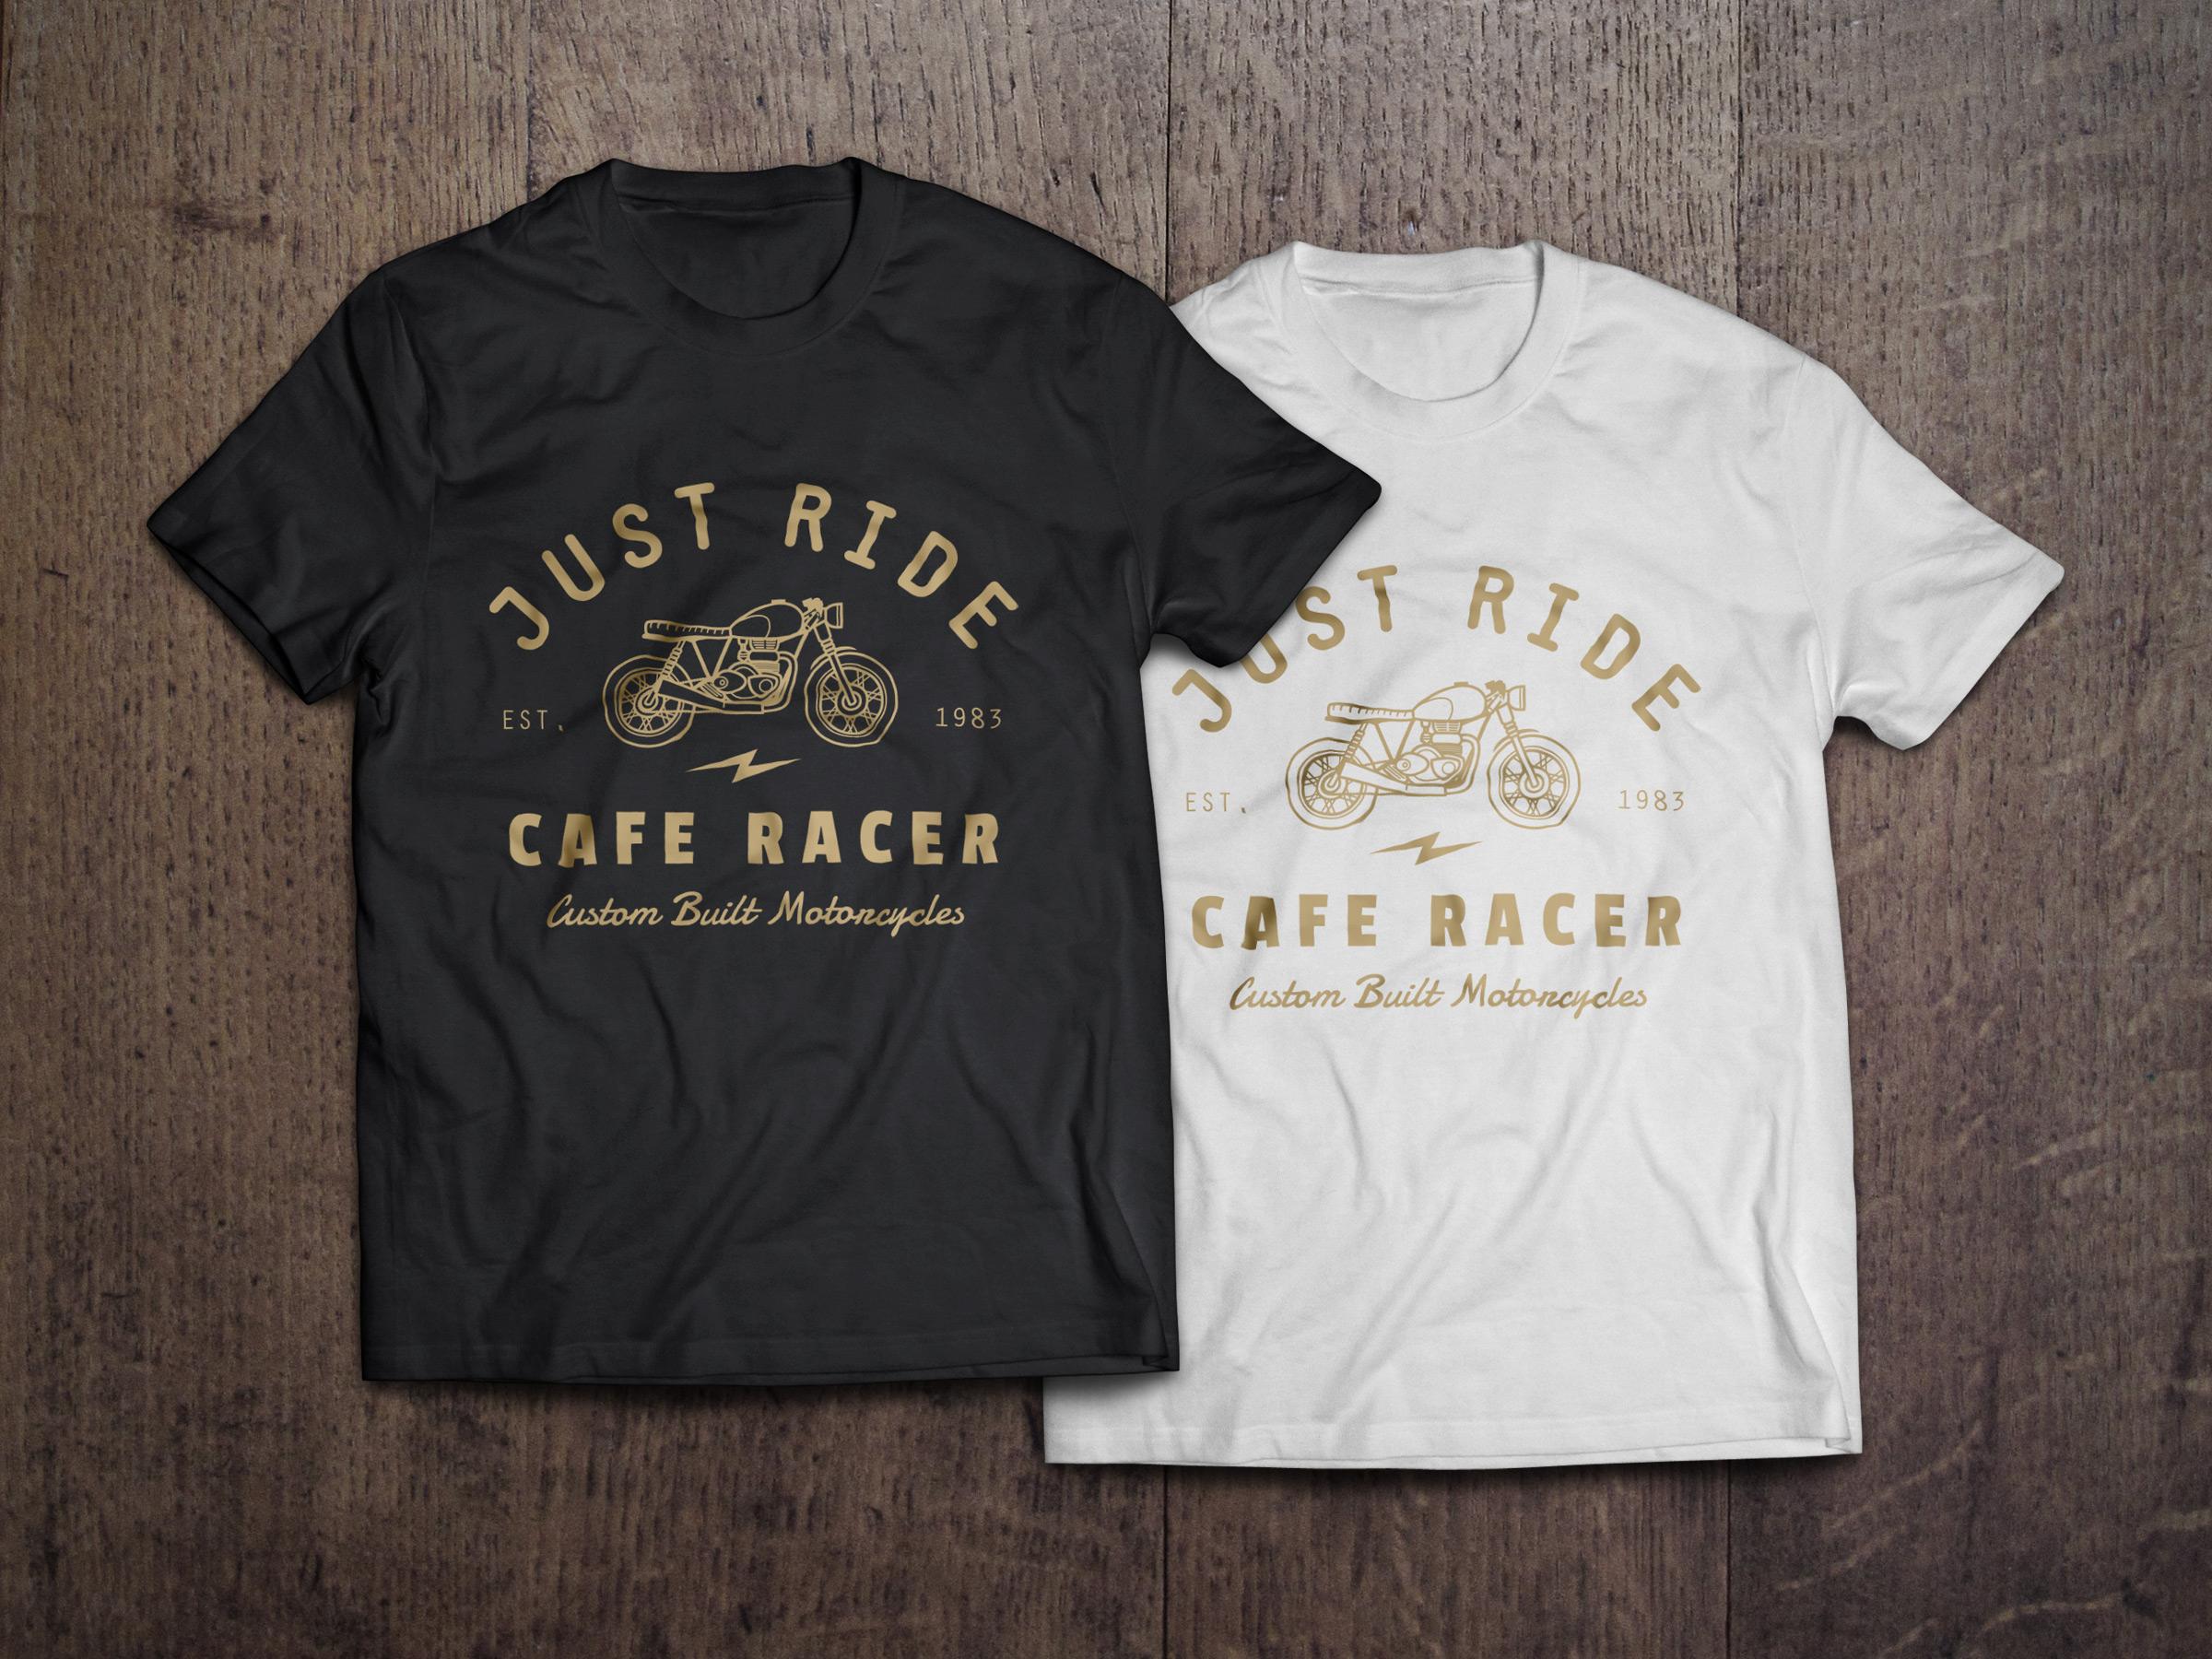 18 Shirt Mockup PSD Images